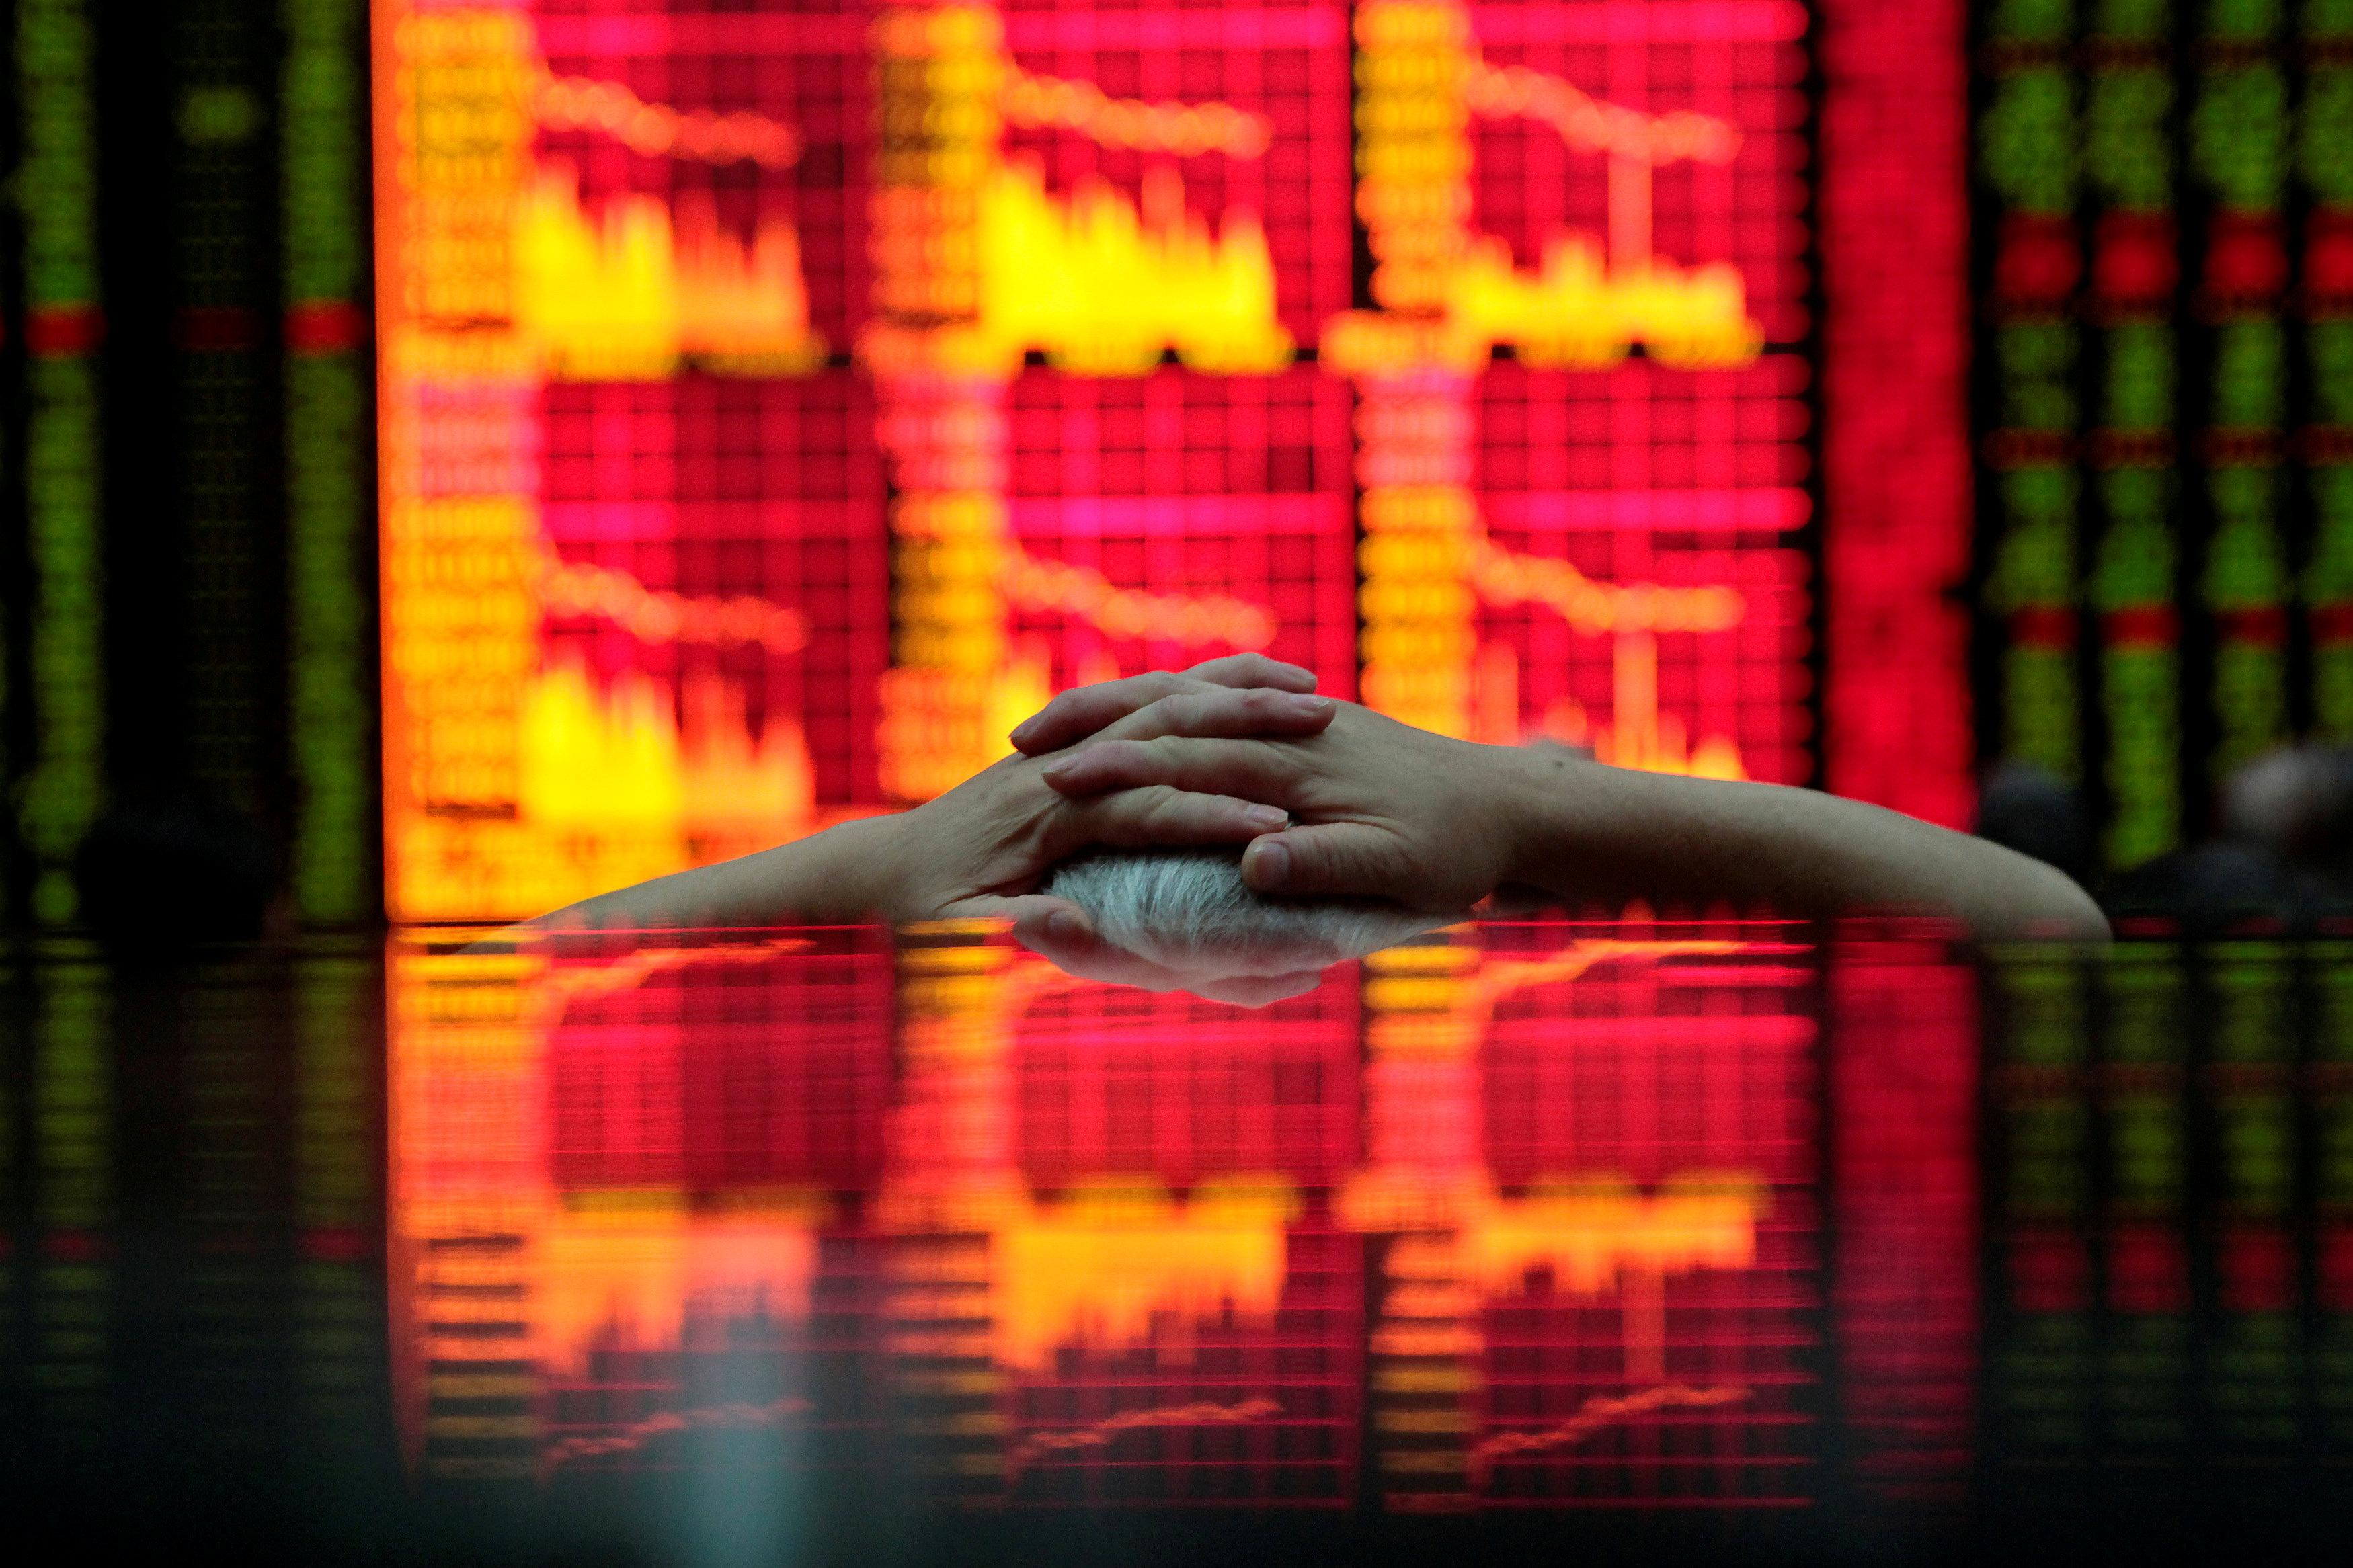 China shares fall, market shrugs off upbeat economic growth forecast